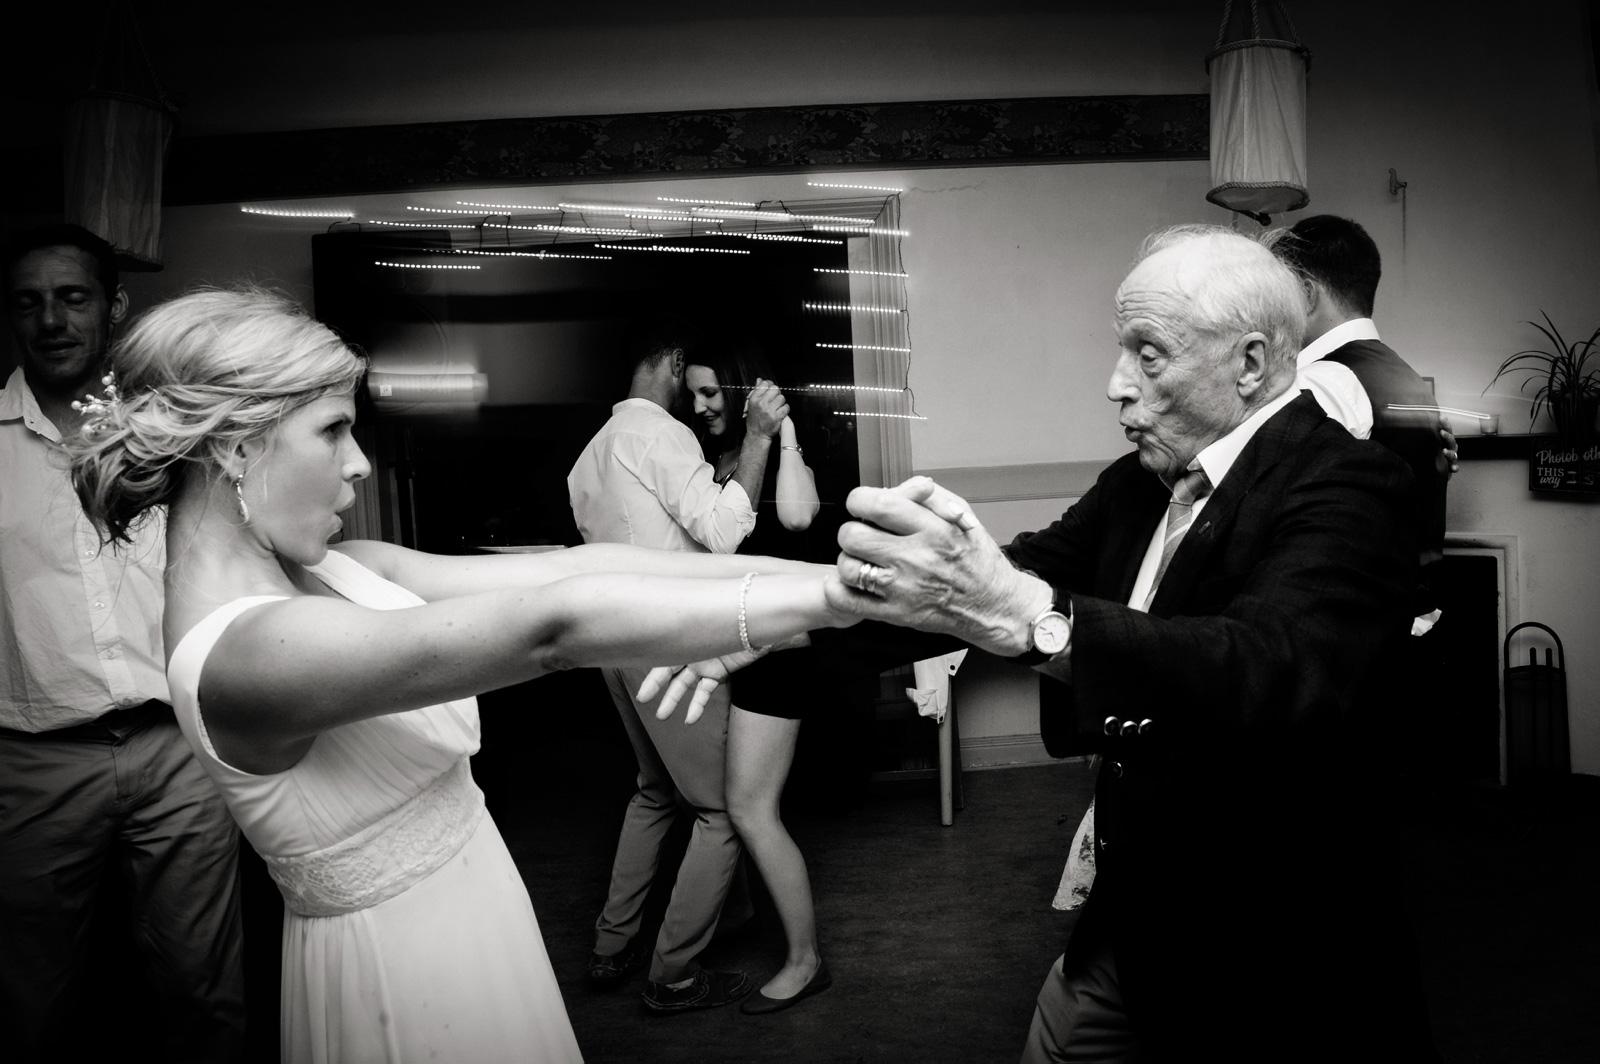 grampa dancing